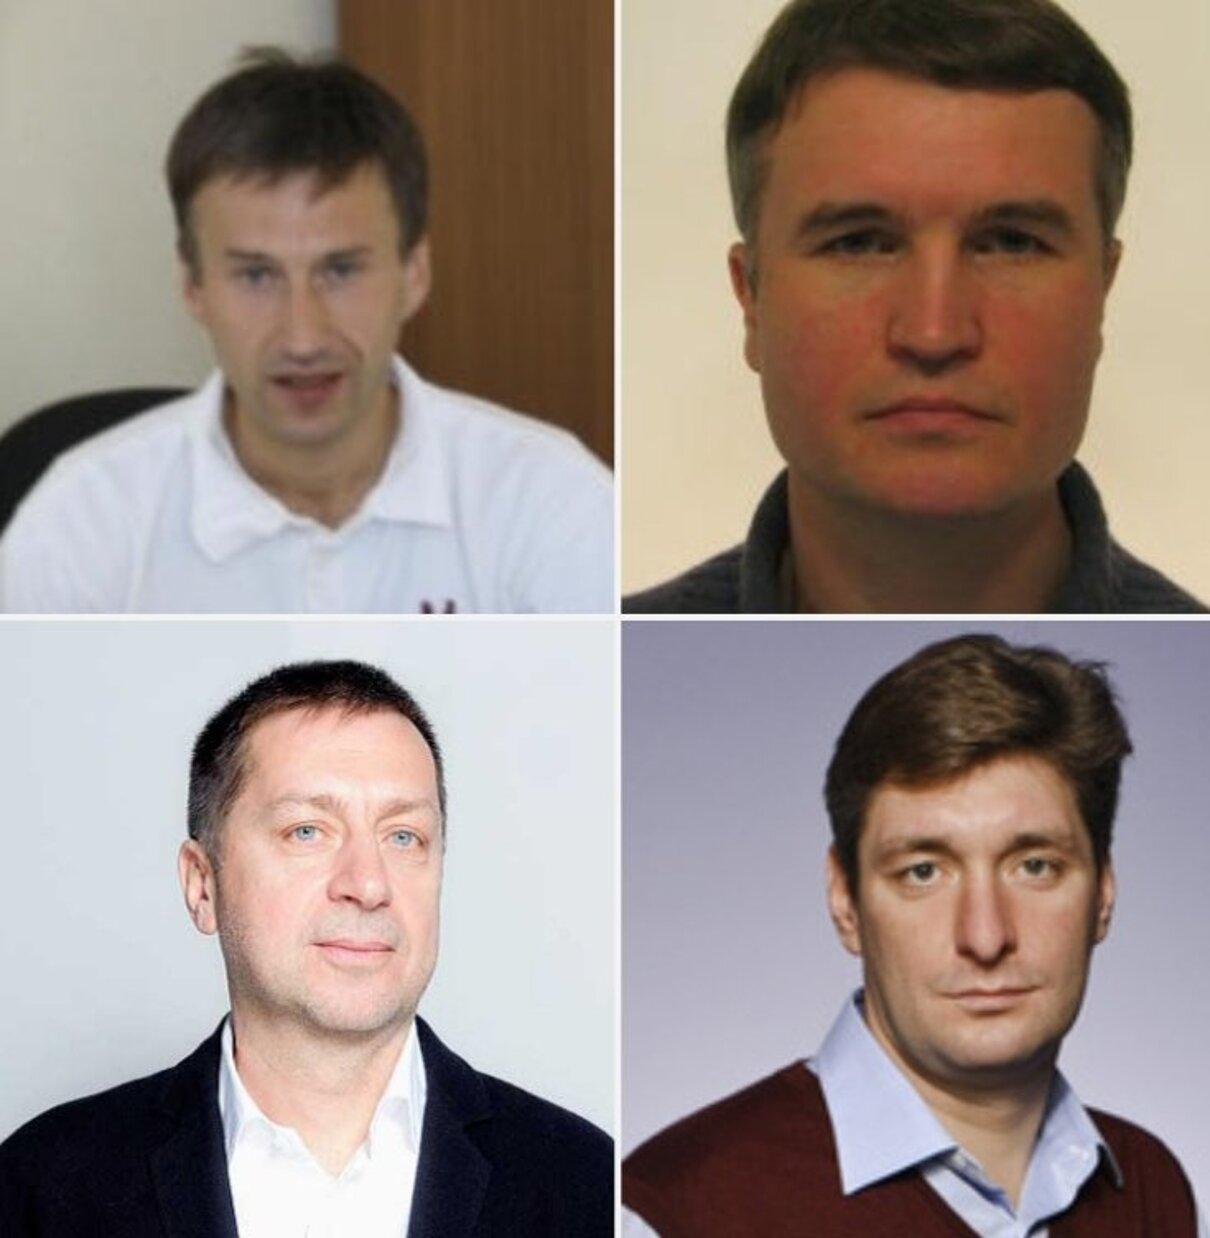 Жалоба-отзыв: «Aegis Media» и «Action» Поляков Олег, Матвеев Кирилл - Обнальные конторы «Aegis Media» и «Action» угрожают журналистам и их семьям!